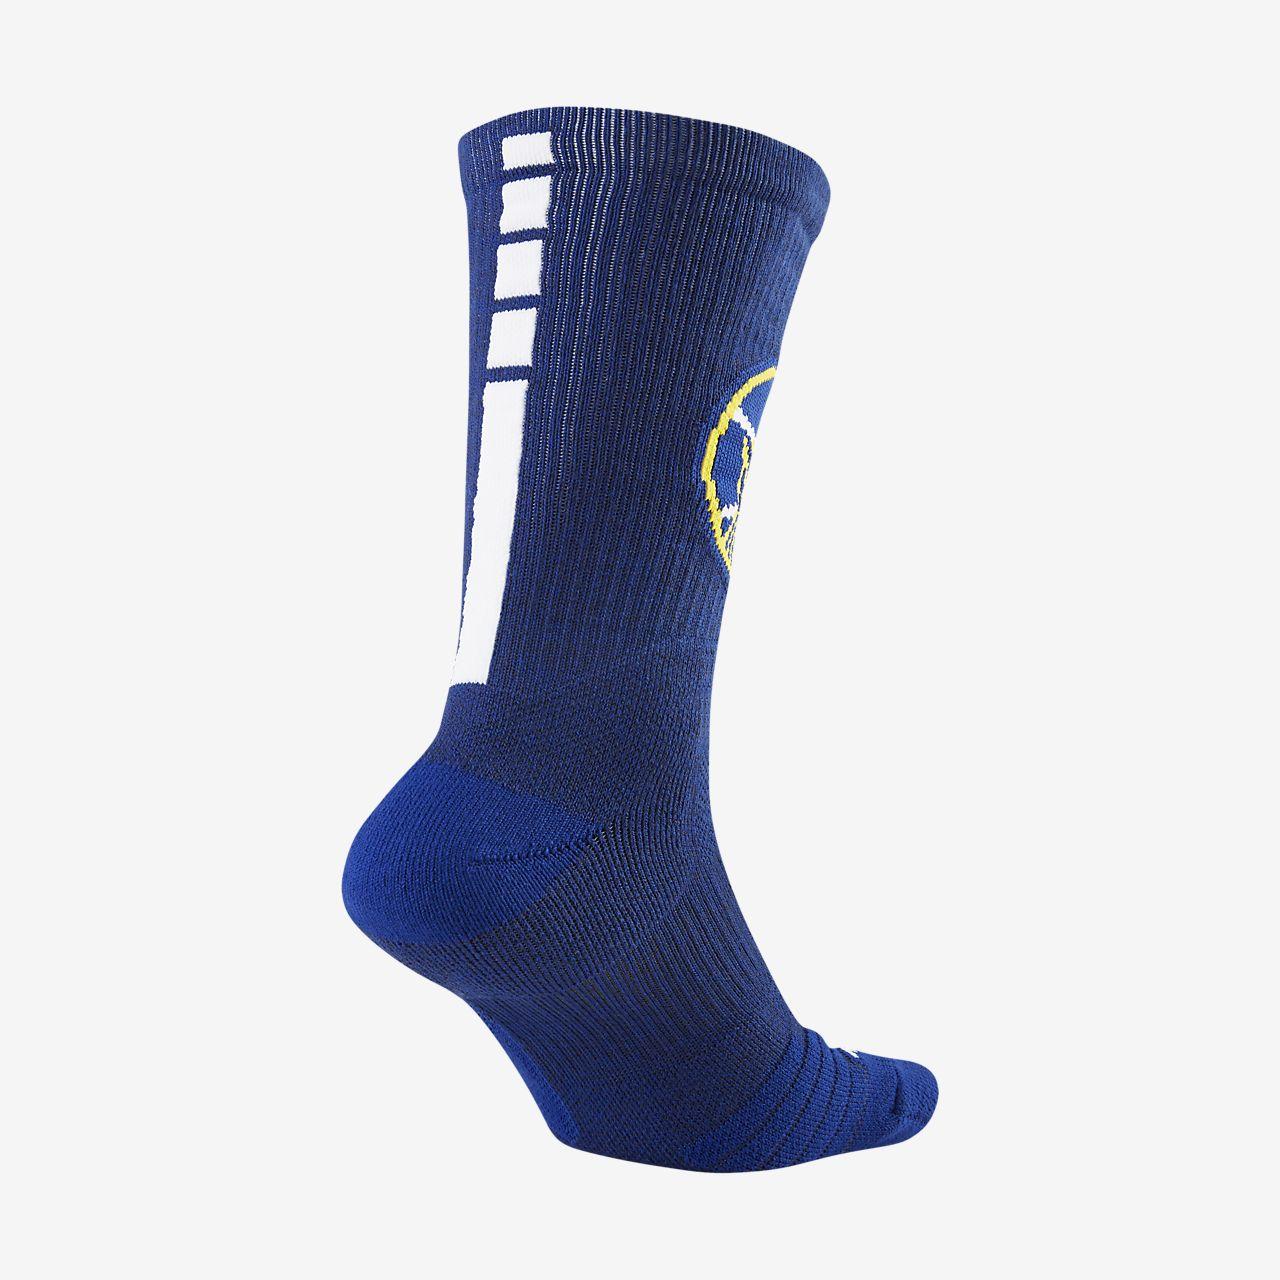 ถุงเท้าข้อยาว NBA Golden State Warriors Nike Elite